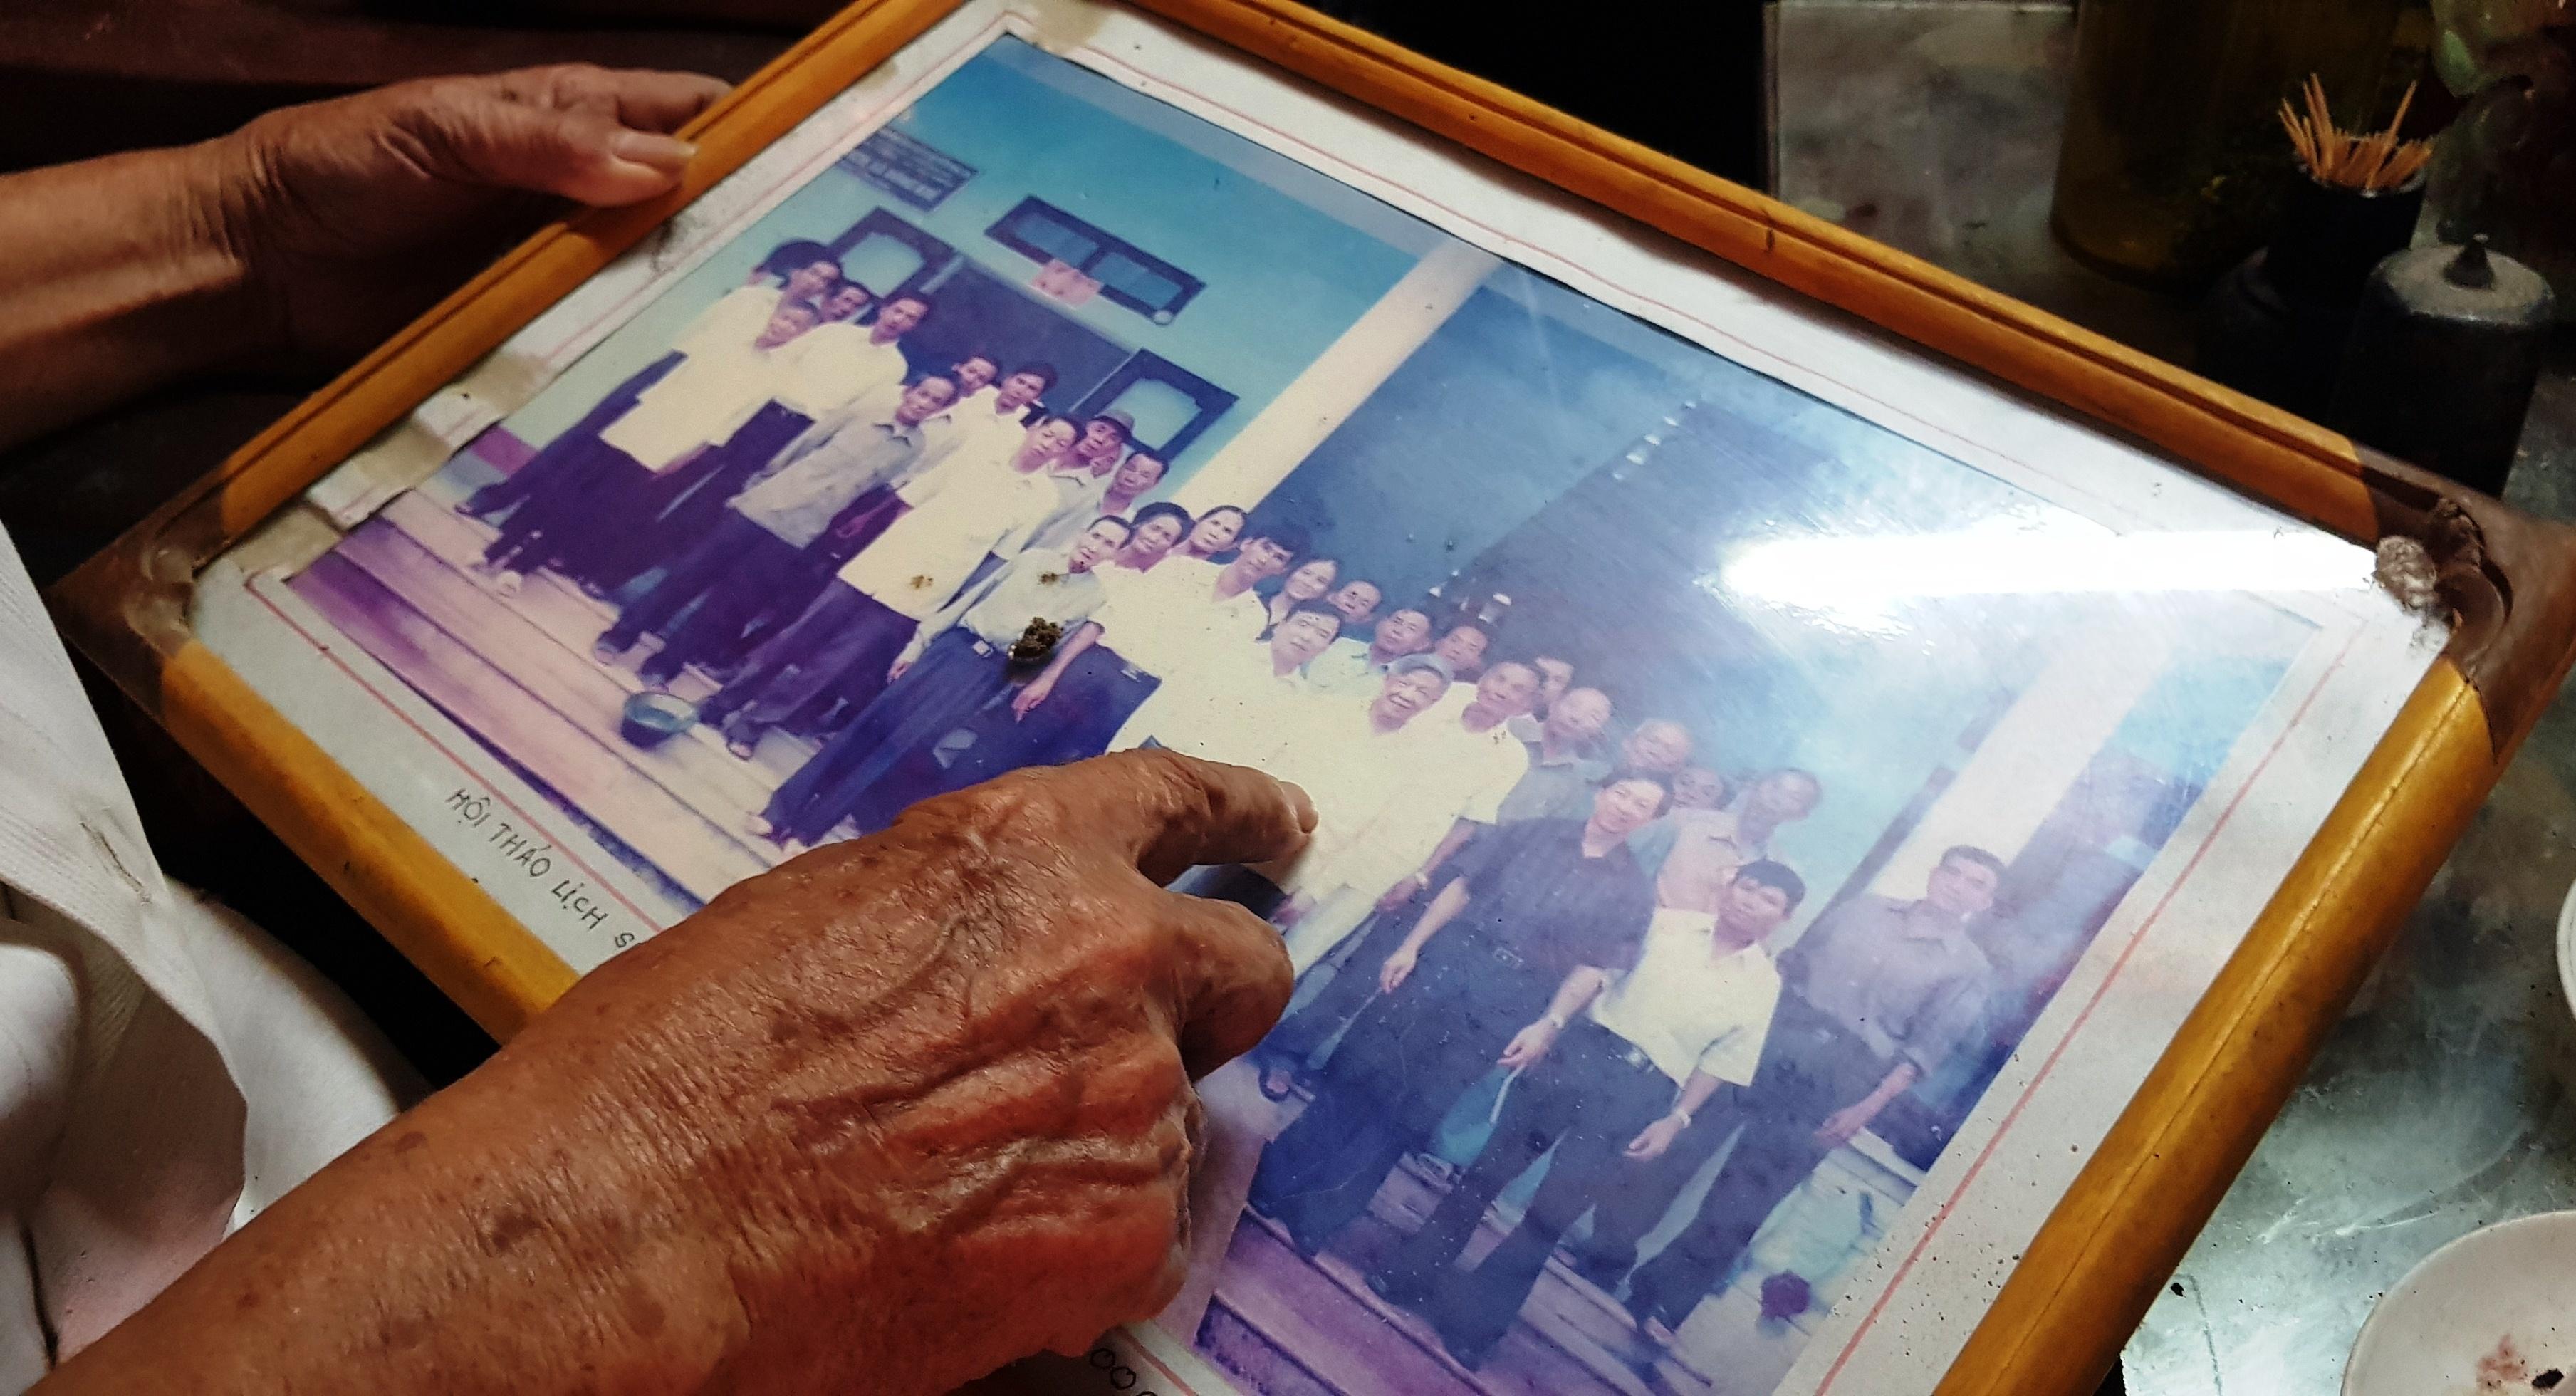 Nguyên Tổng Bí thư Lê Khả Phiêu giản dị trong ký ức người dân quê nhà